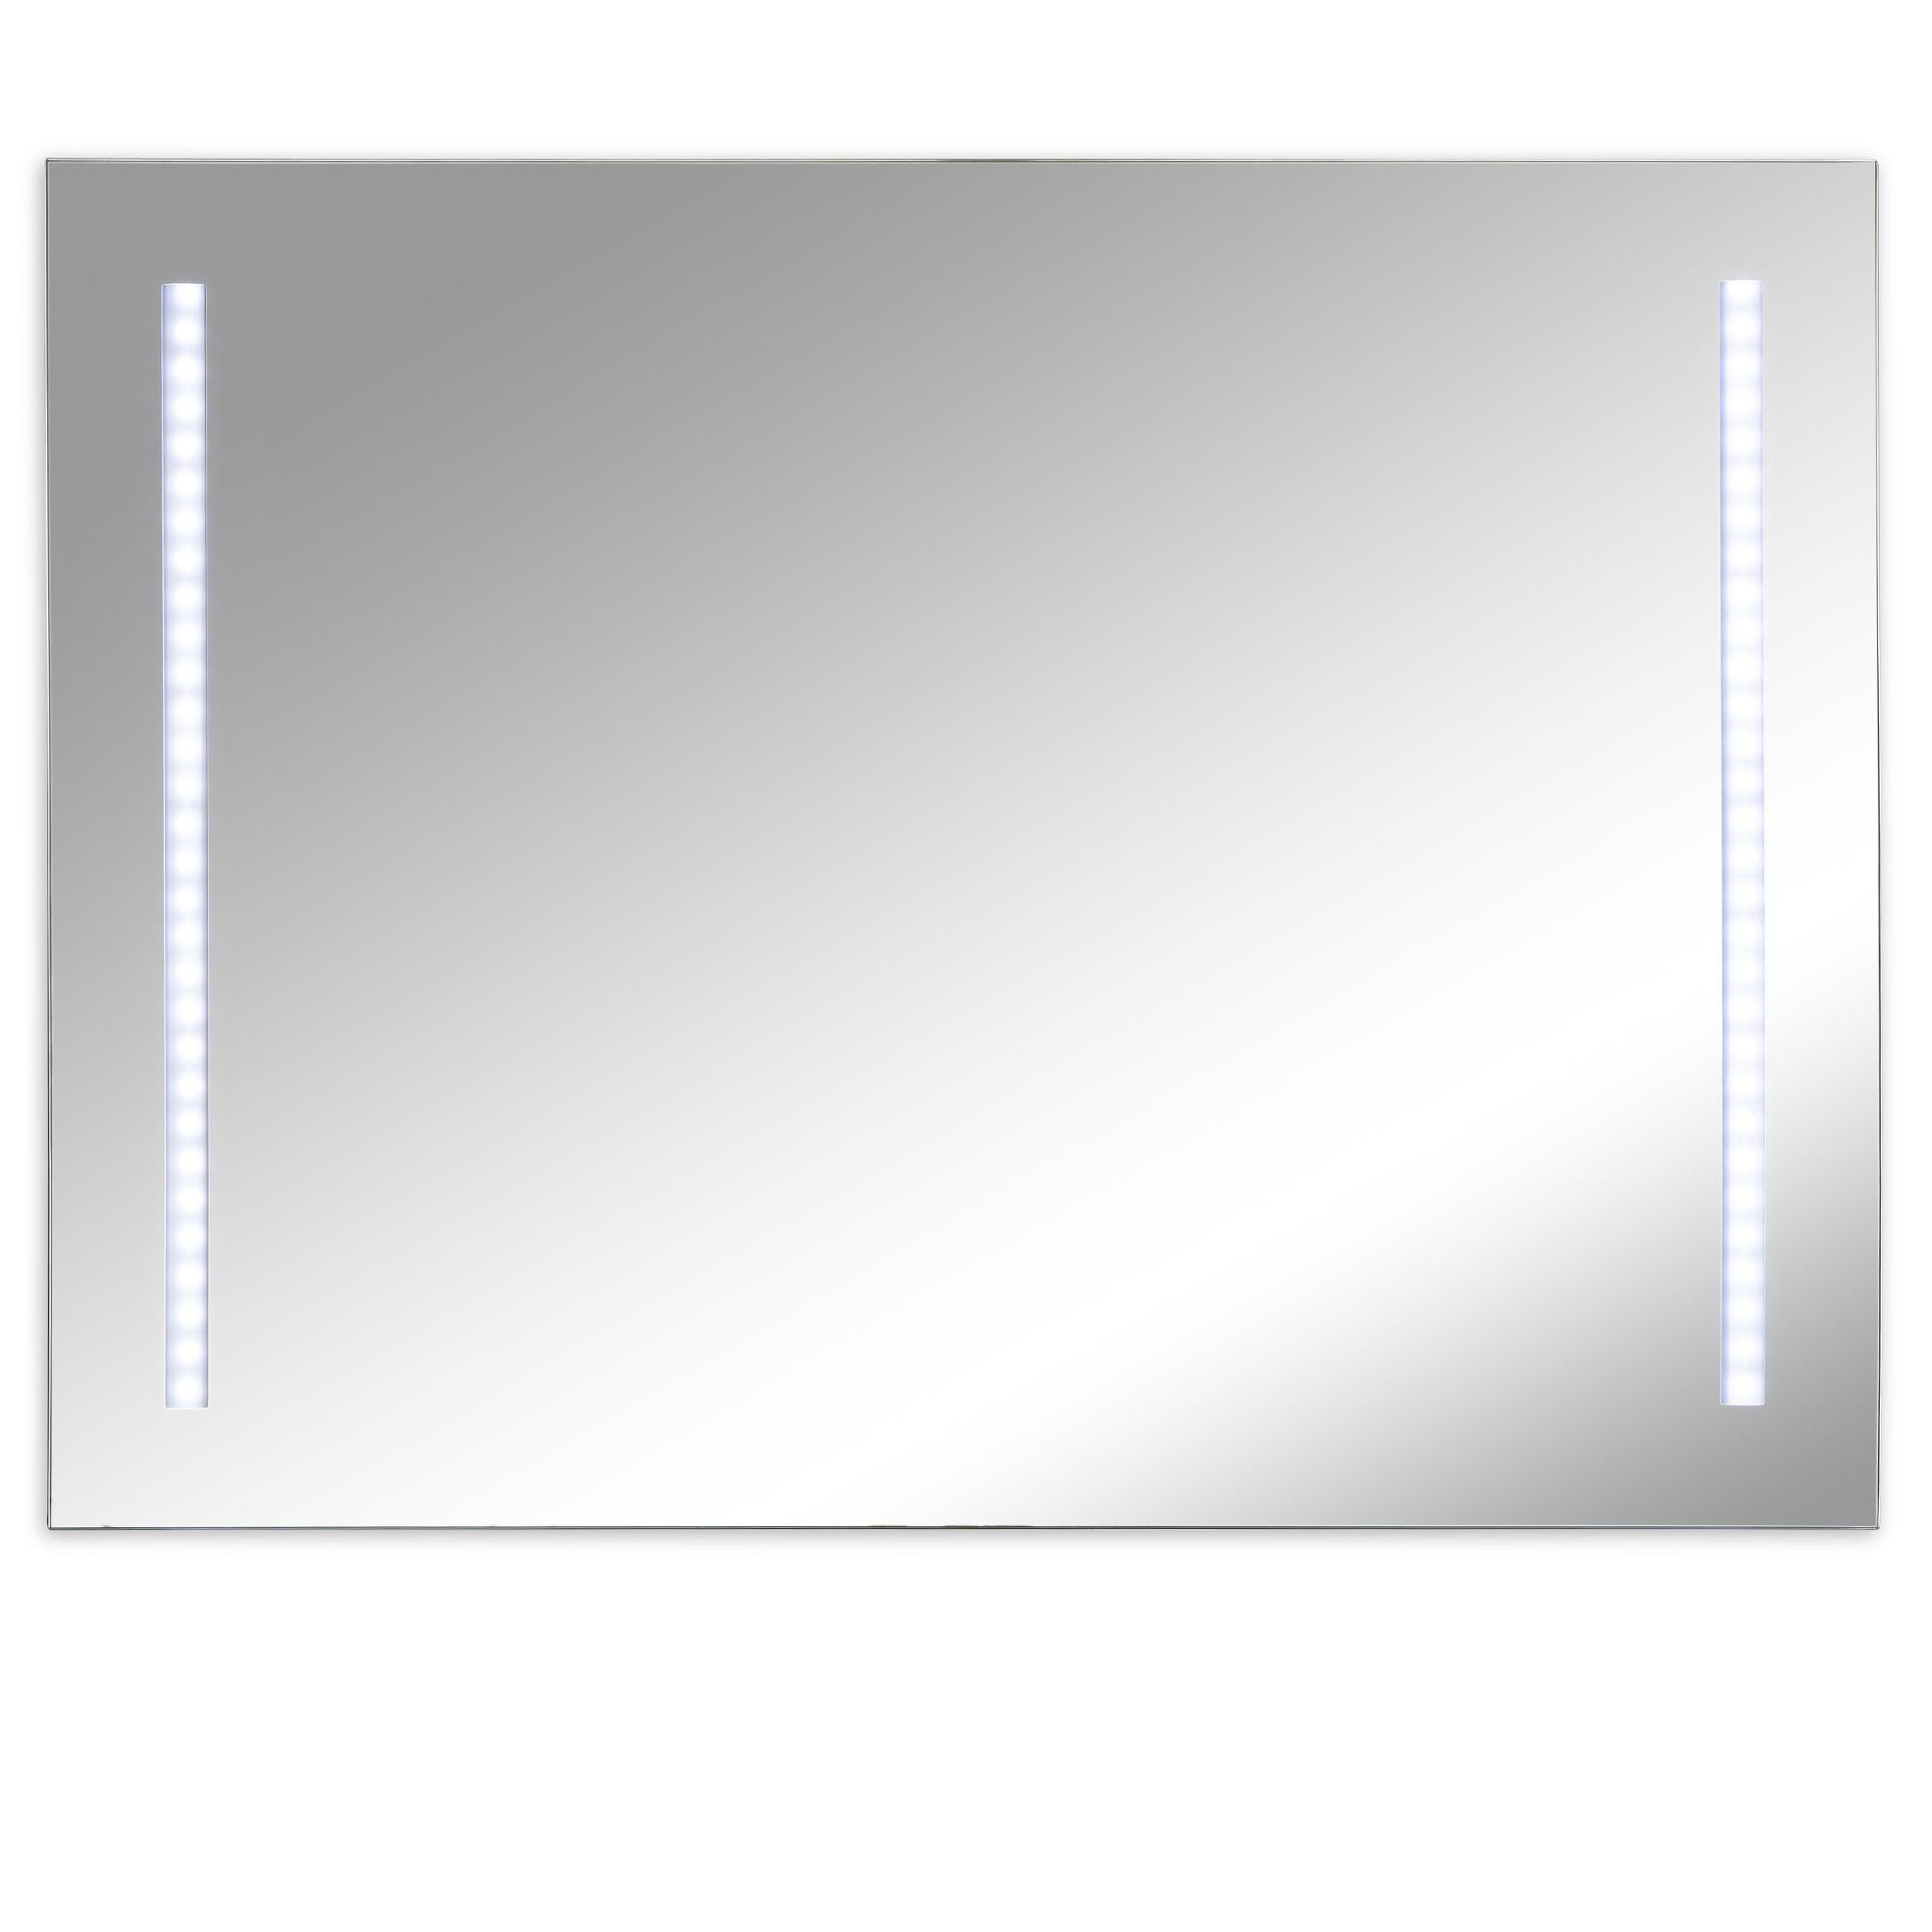 Immagini Specchi Da Bagno.Specchi Da Bagno Con Due Luci A Led 80x60x0 4 Cm Spessore Montaggio Orizzontale Verticale Ibb Spa